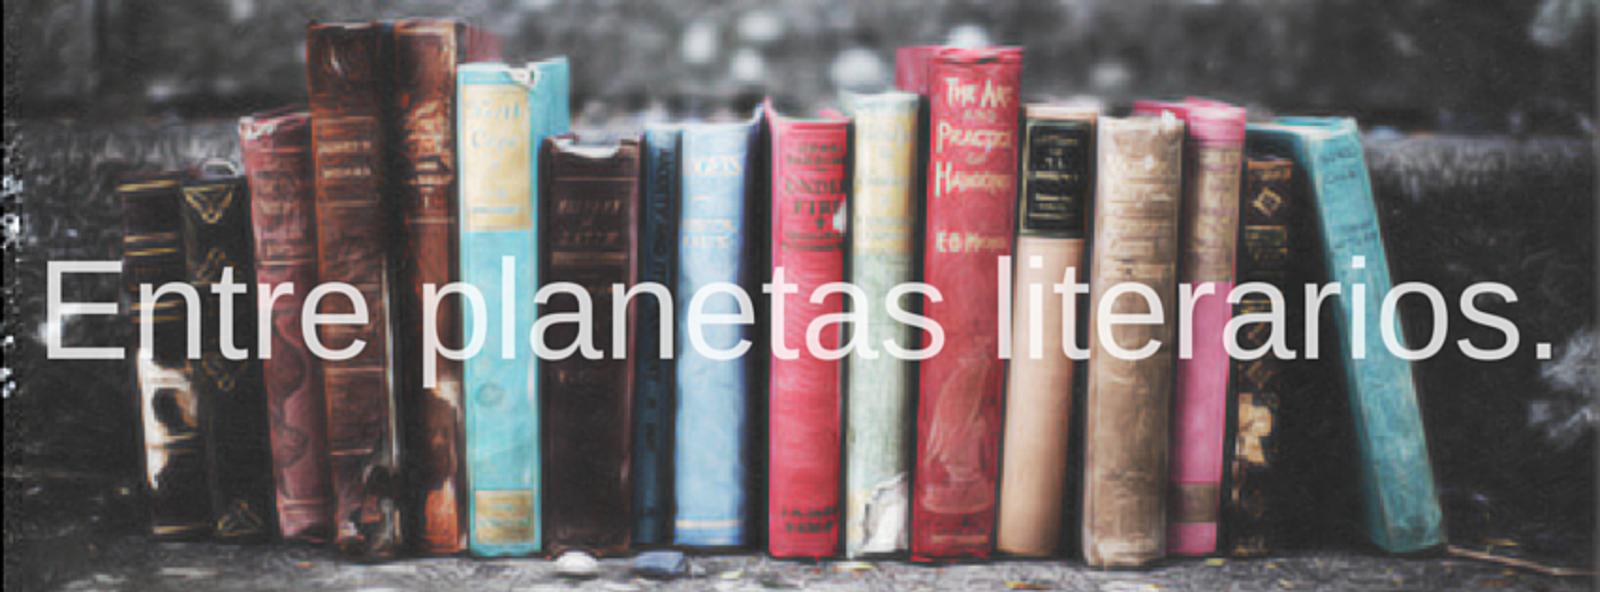 Entre planetas literarios.